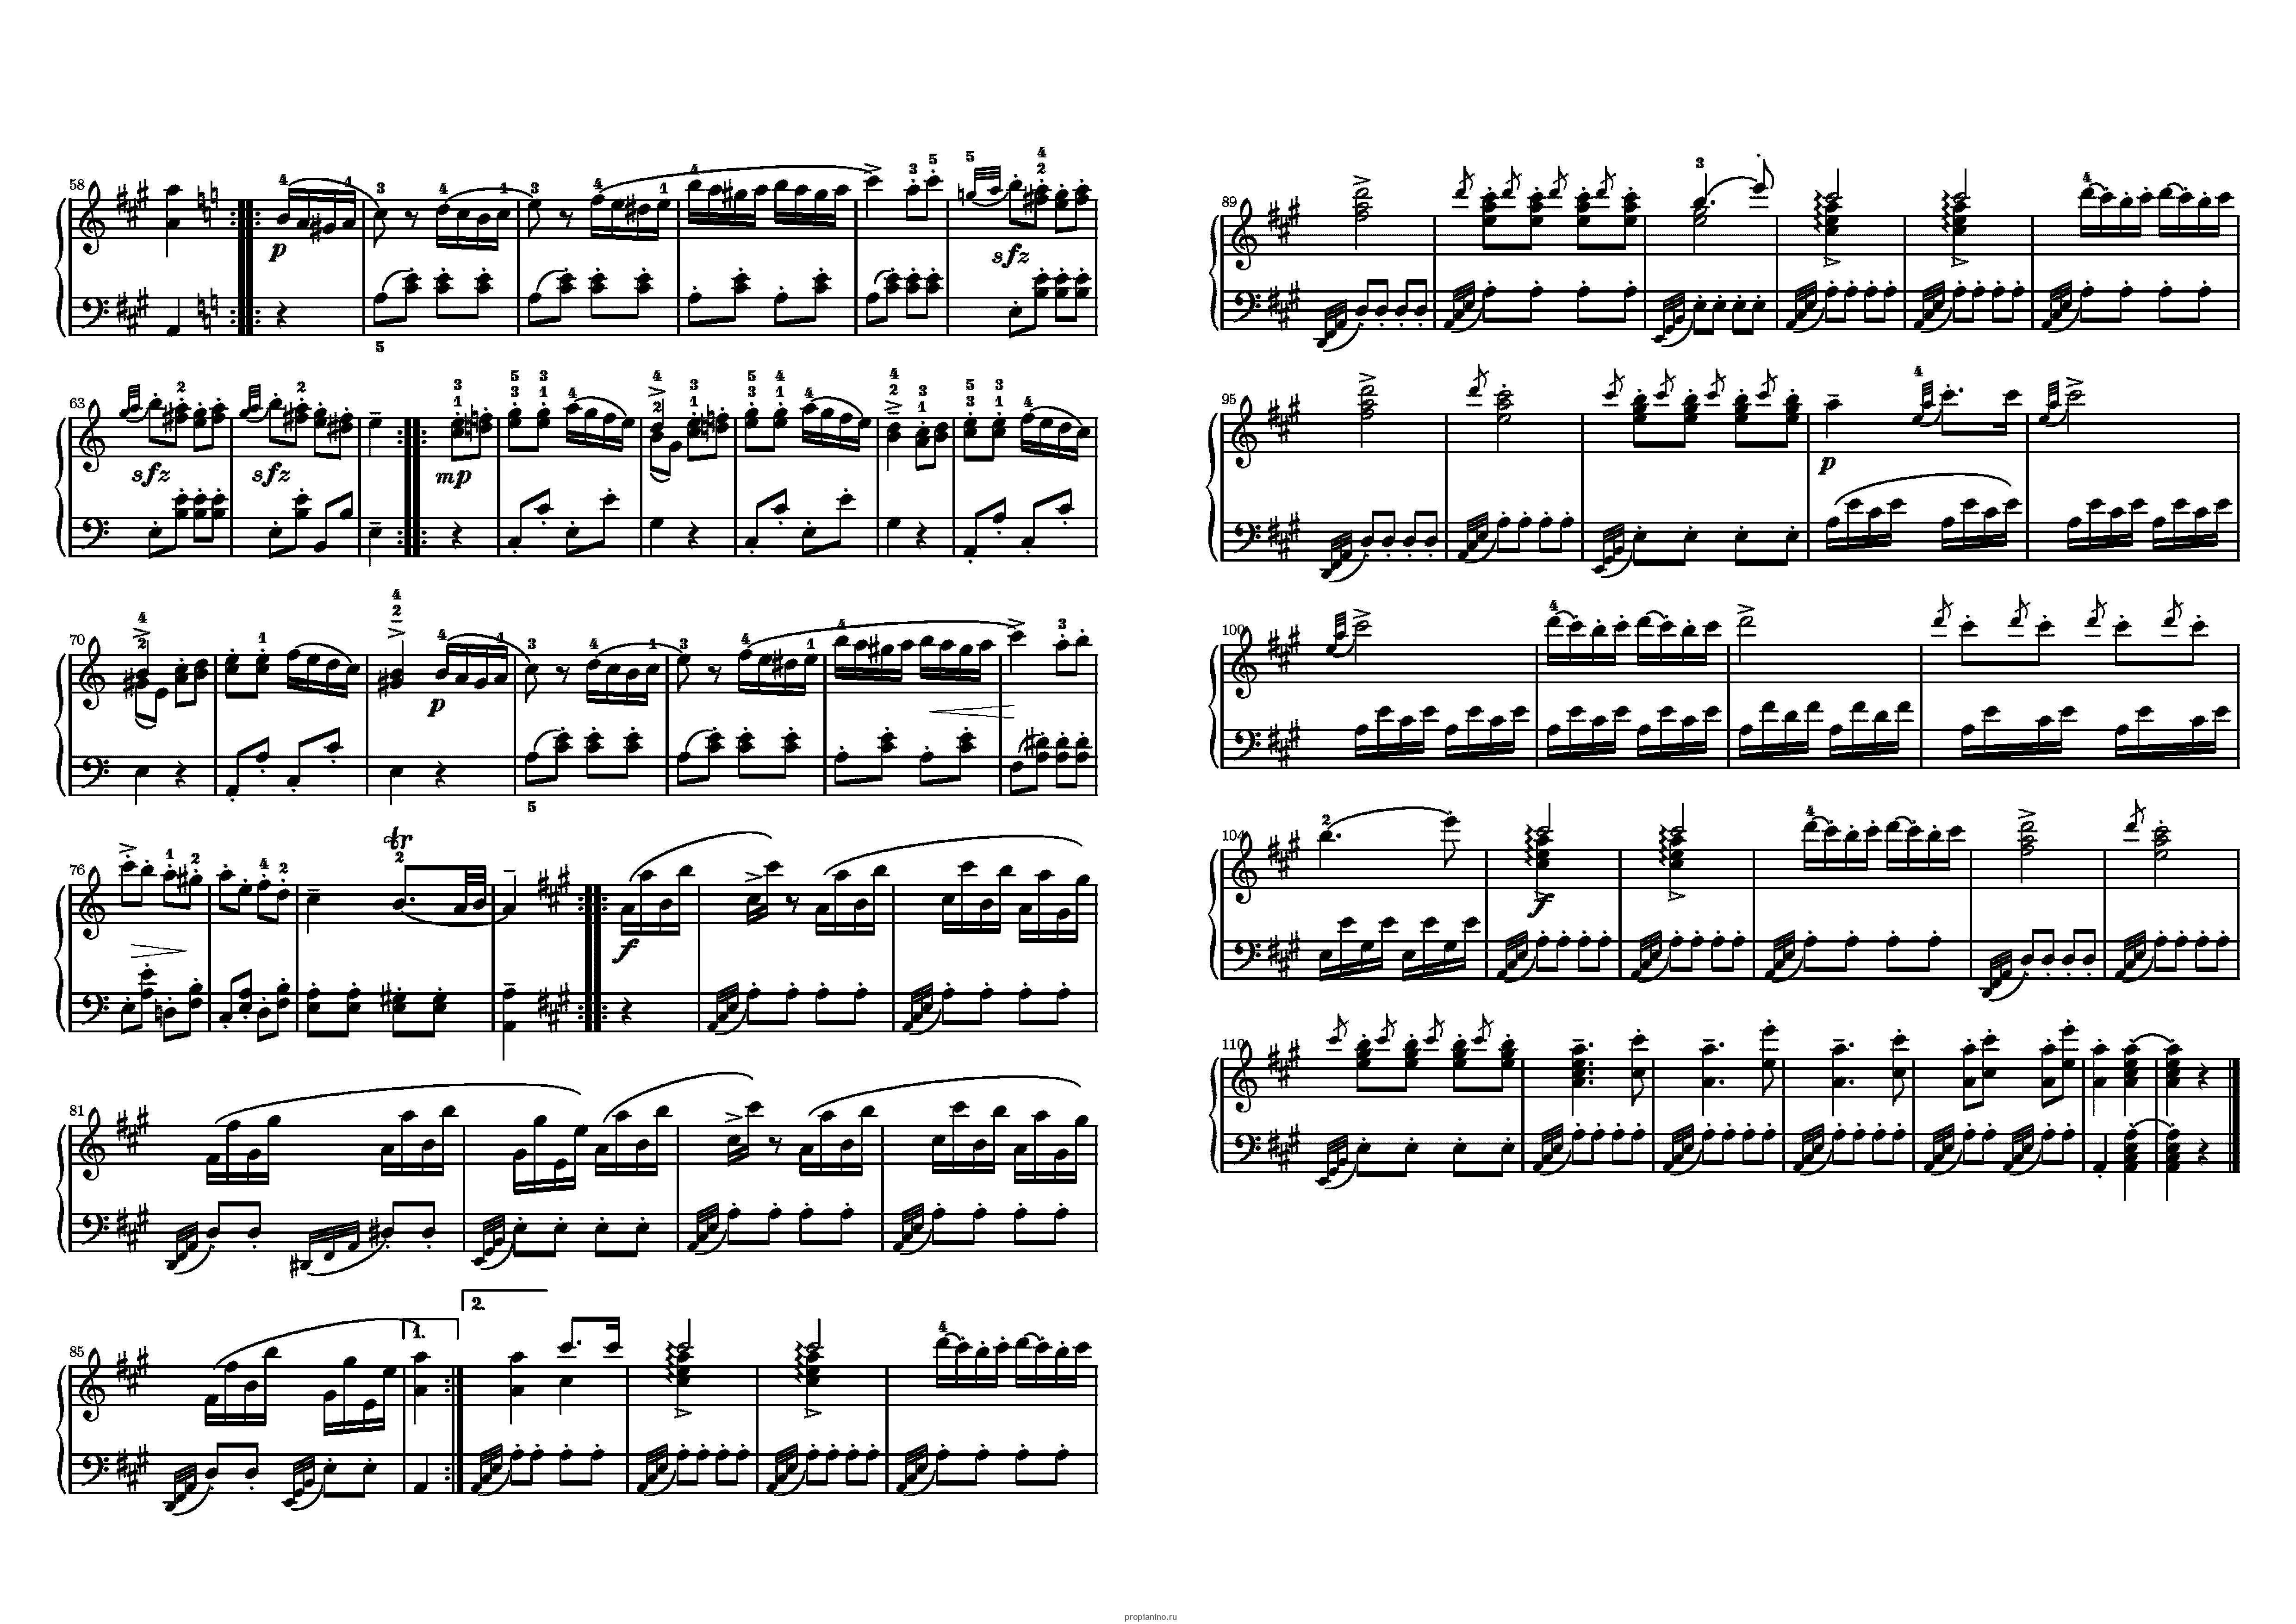 вмешательство государства ноты для фортепиано рондо в турецком стиле данном разделе